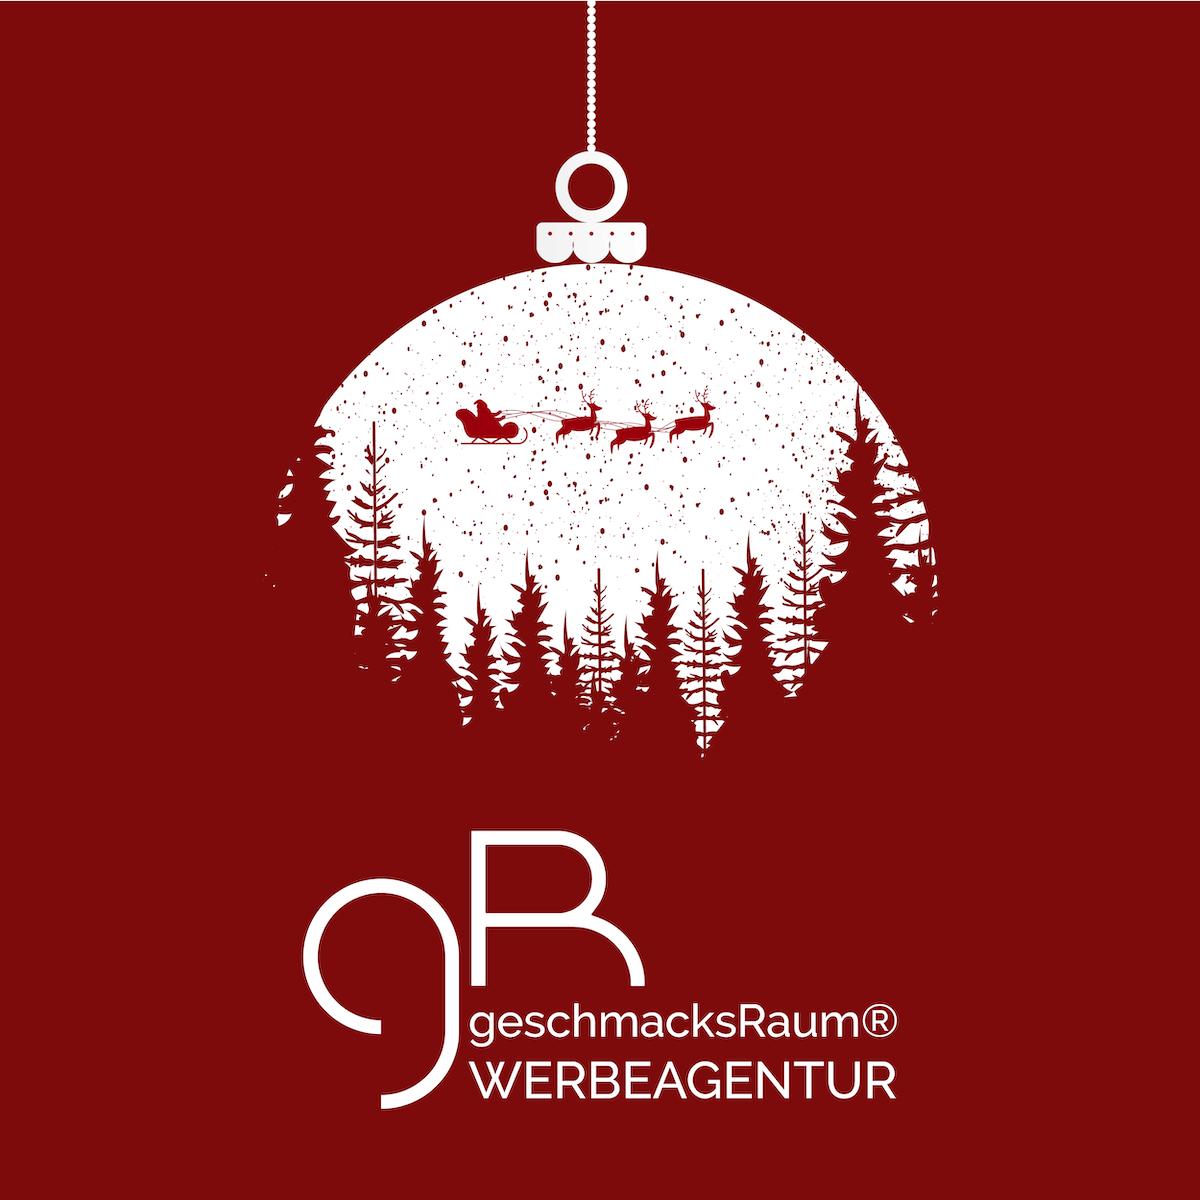 geschmacksRaum_WERBEAGENTUR_Frohe_Weihnachten_2019-t